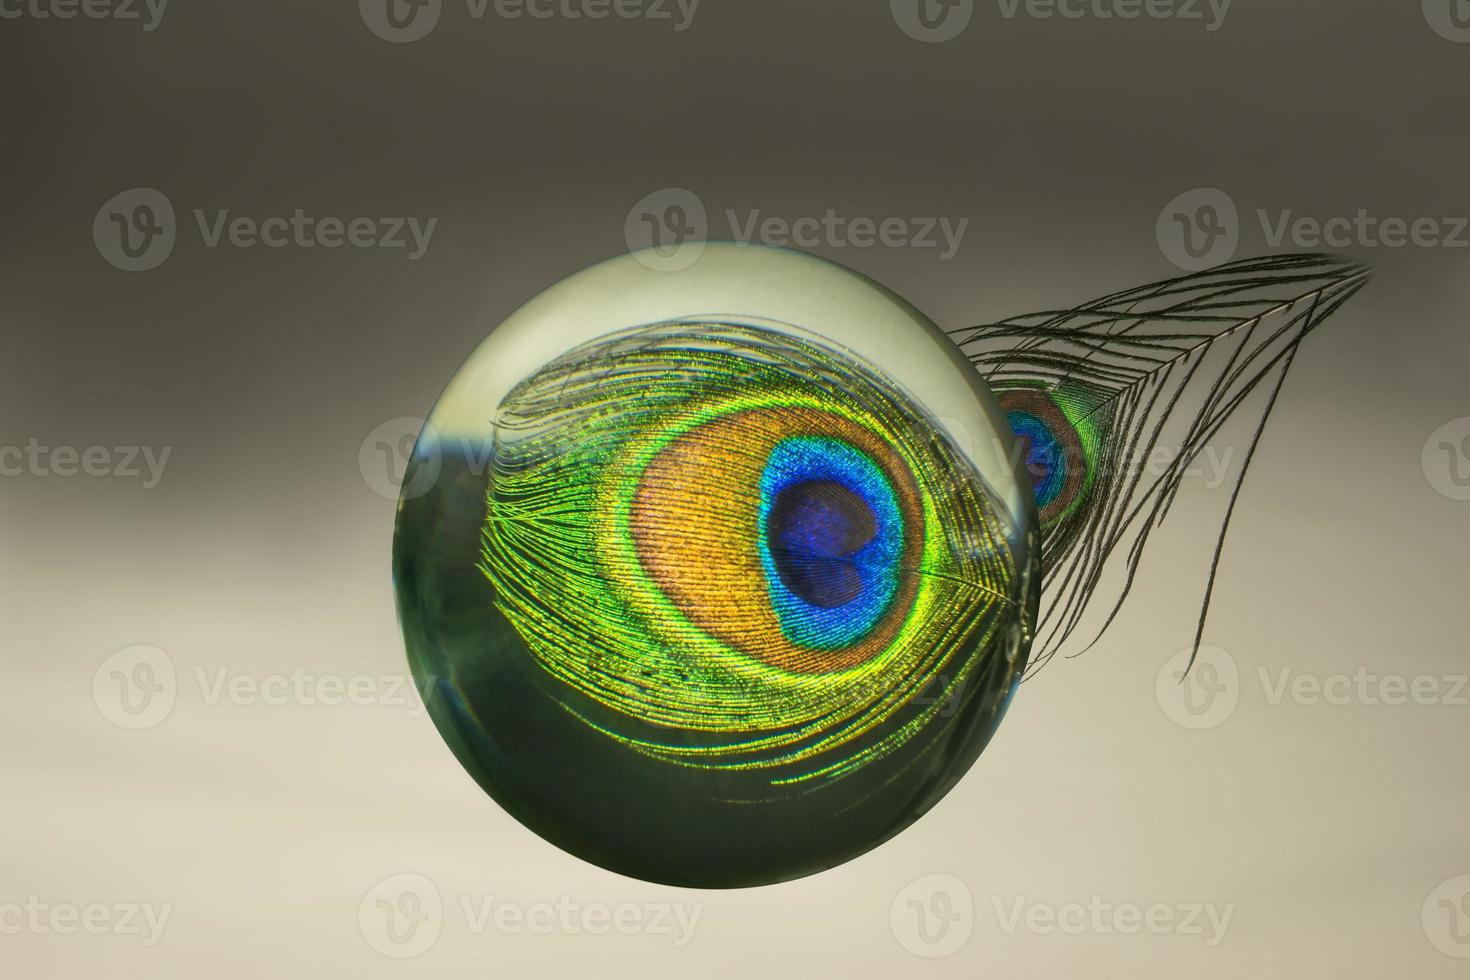 reflexão de penas de pavão em uma esfera de vidro foto